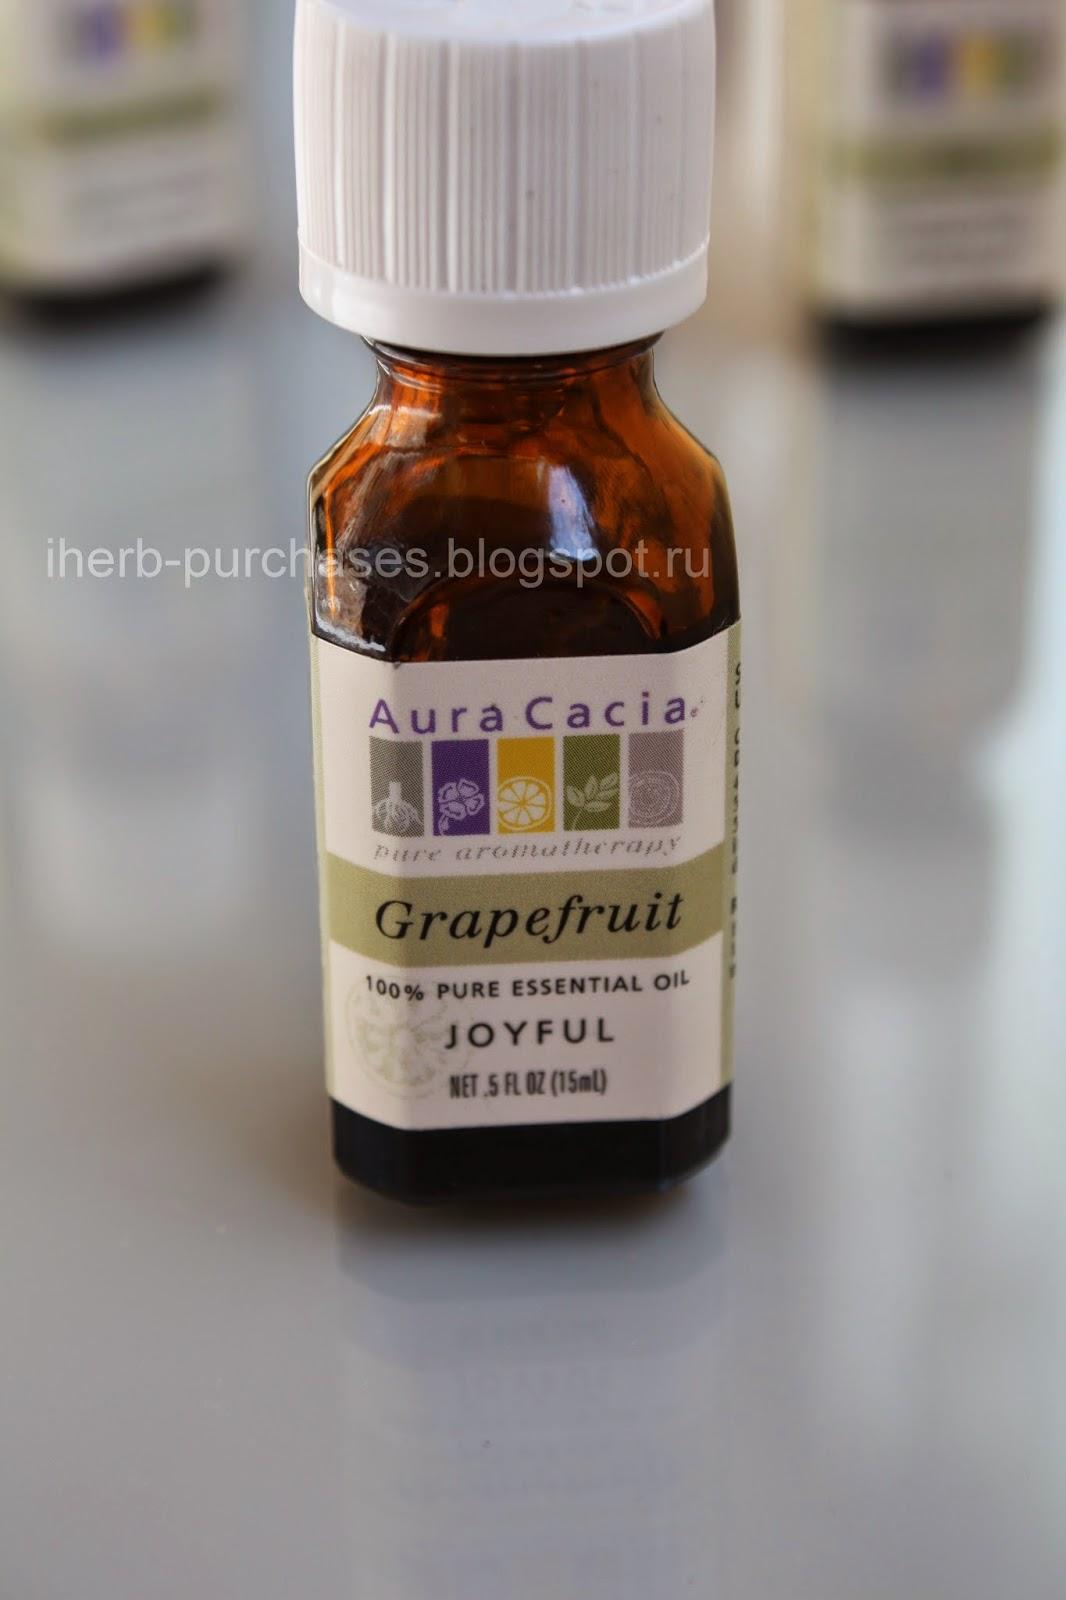 эфирное масло грейпфрута, от целлюлита, ароматерапия, релакс, отзыв, iherb